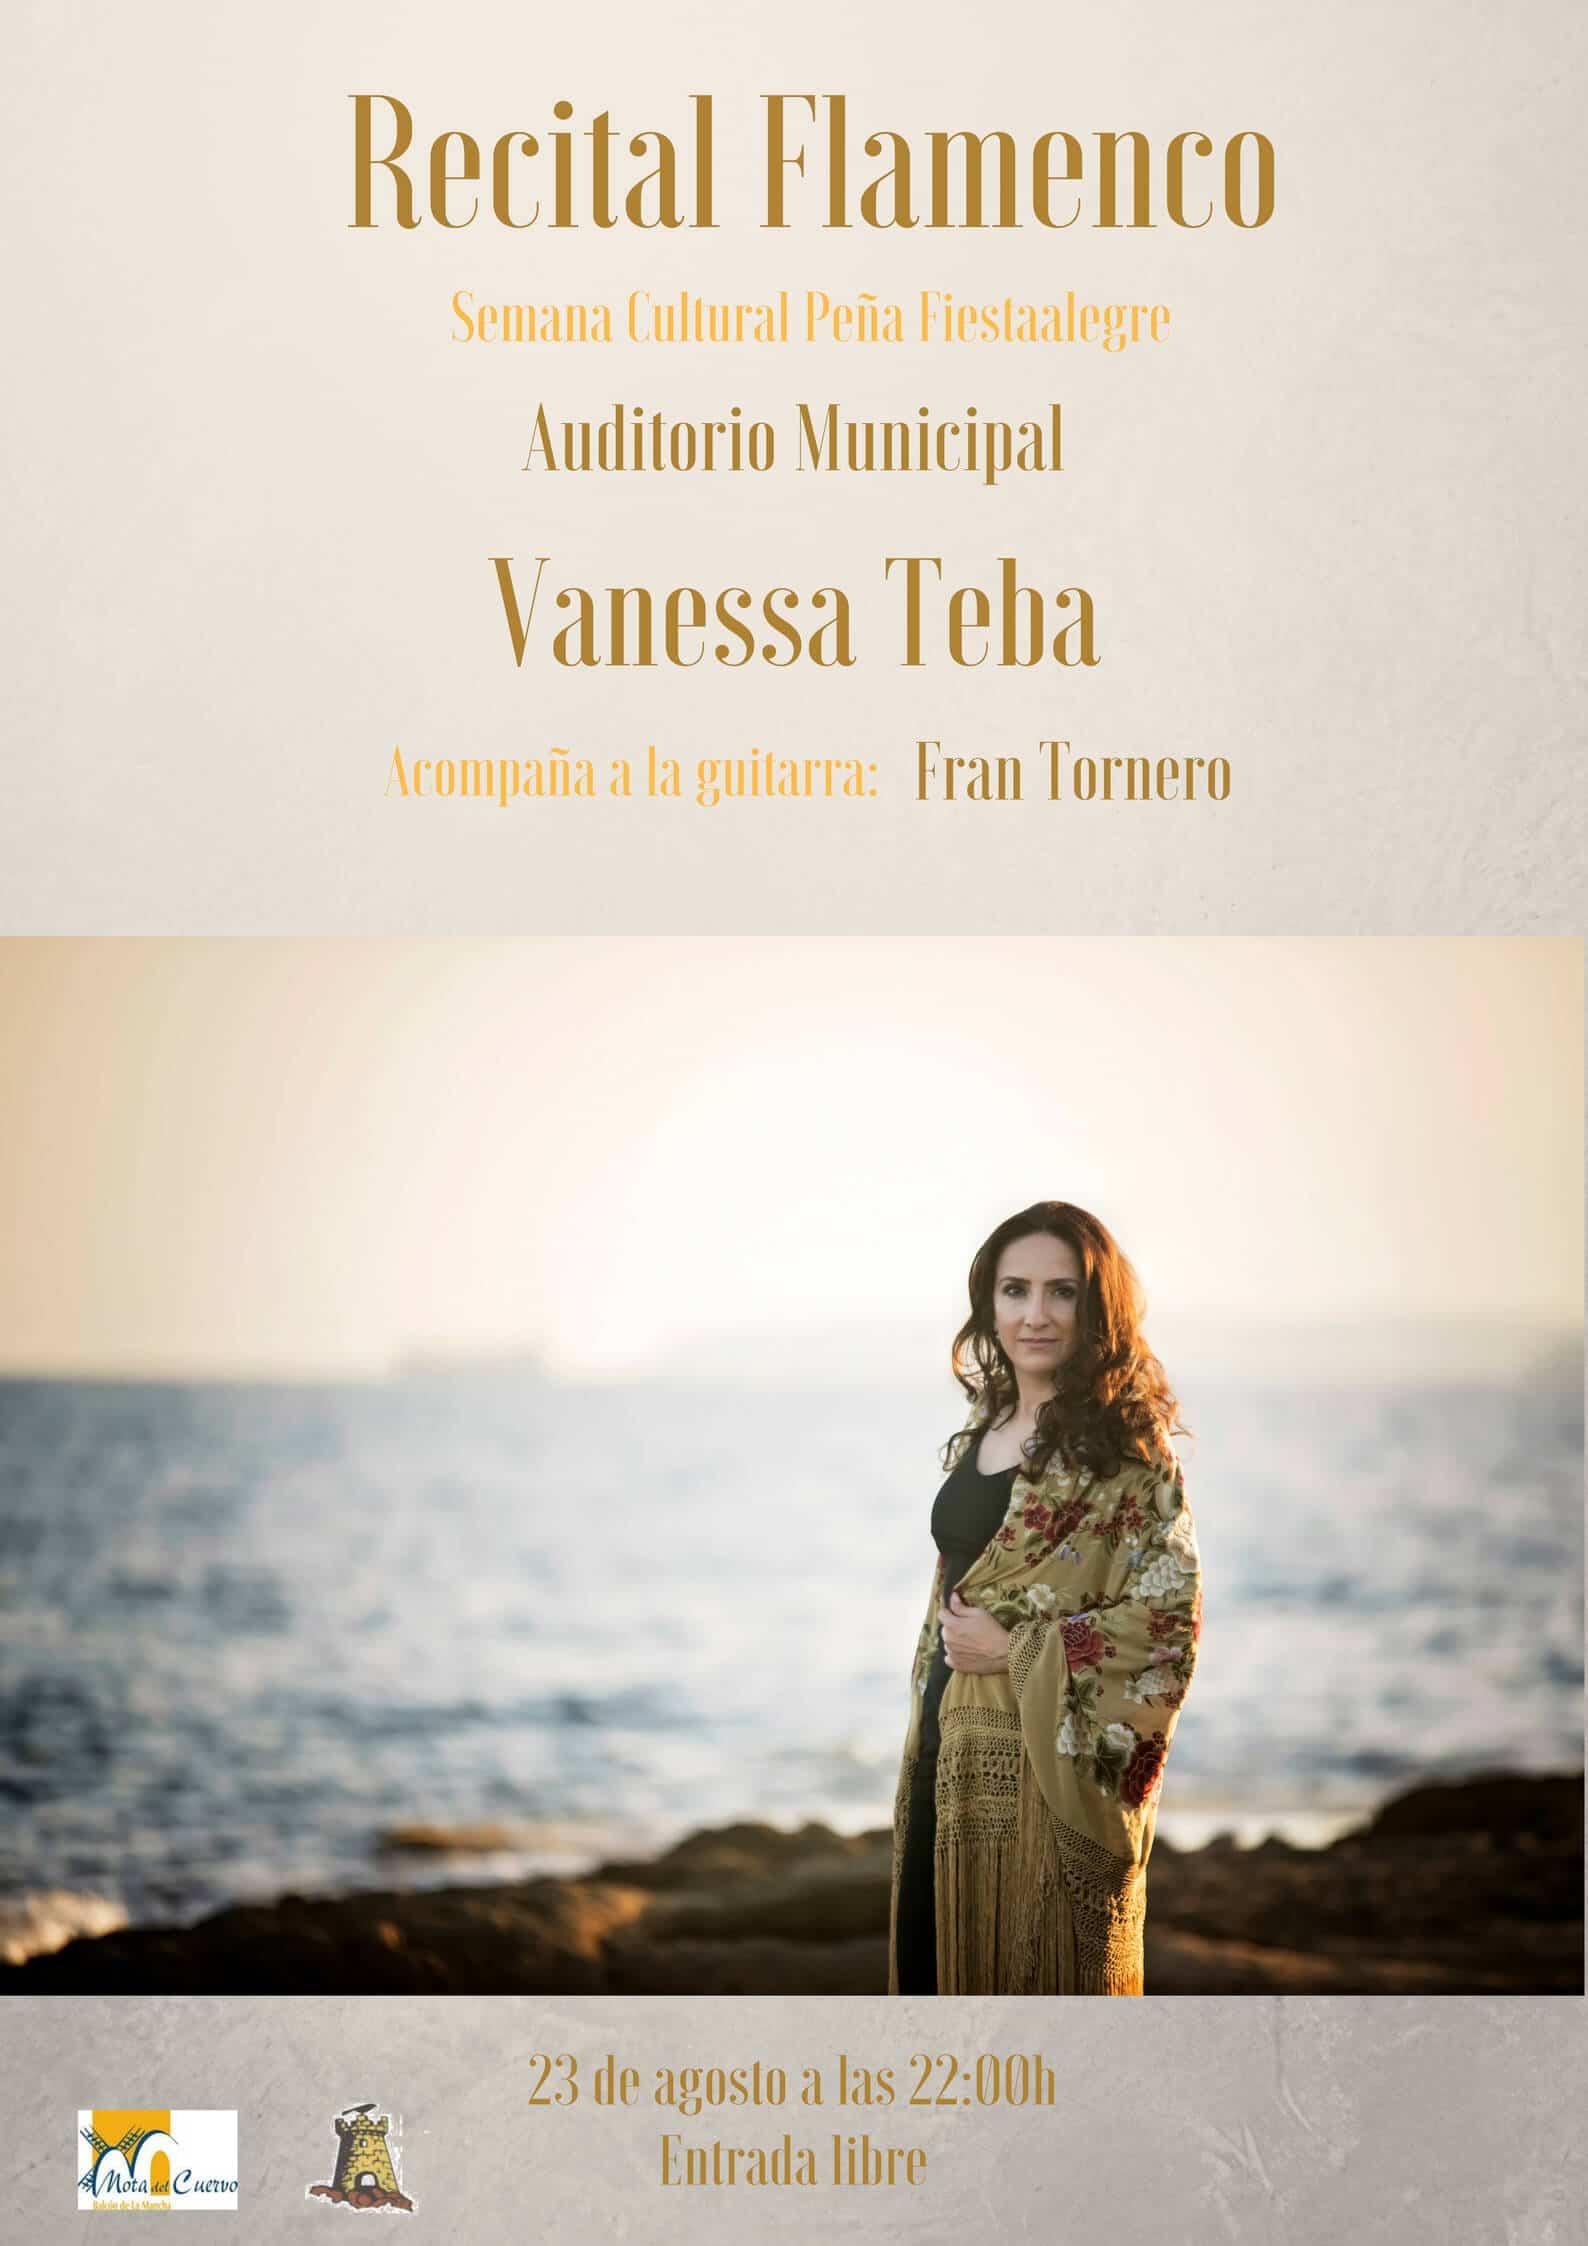 Recital Flamenco en Mota del Cuervo Vanessa Teba